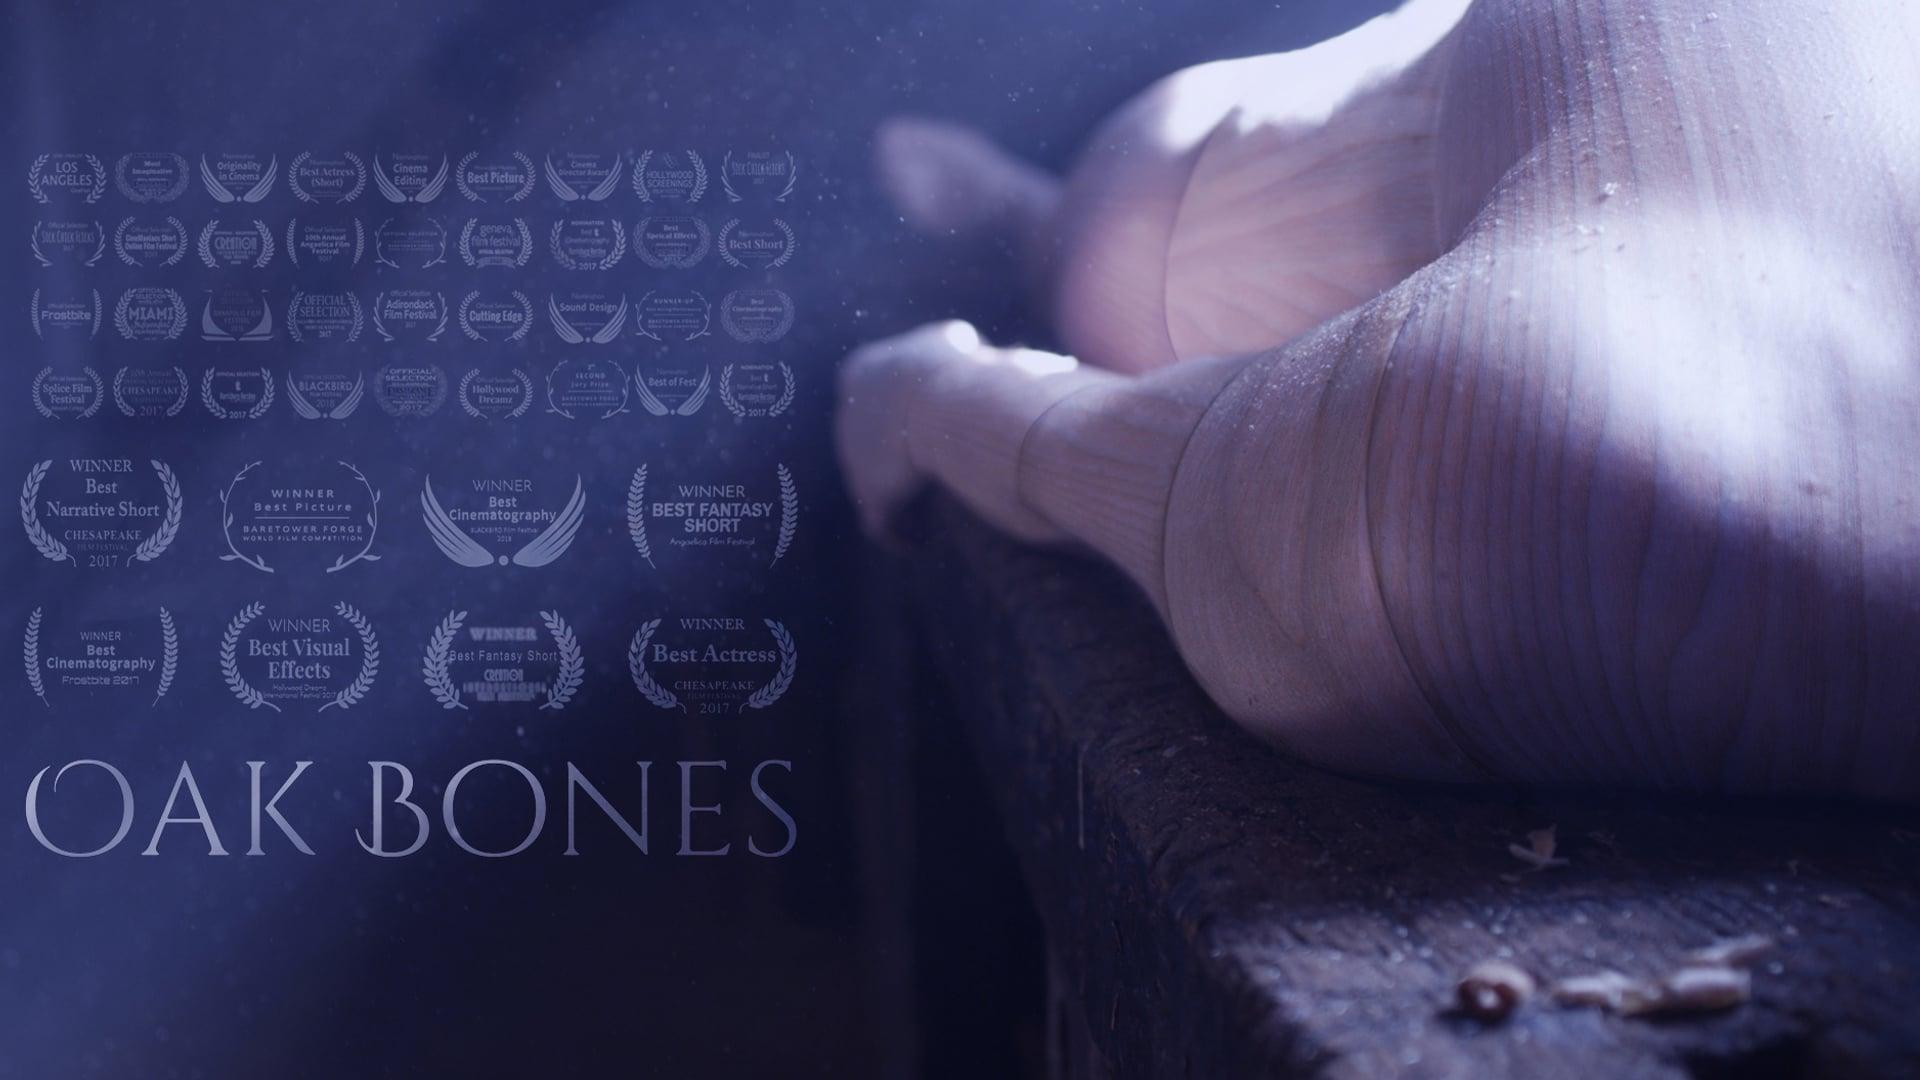 OAK BONES - a short fantasy